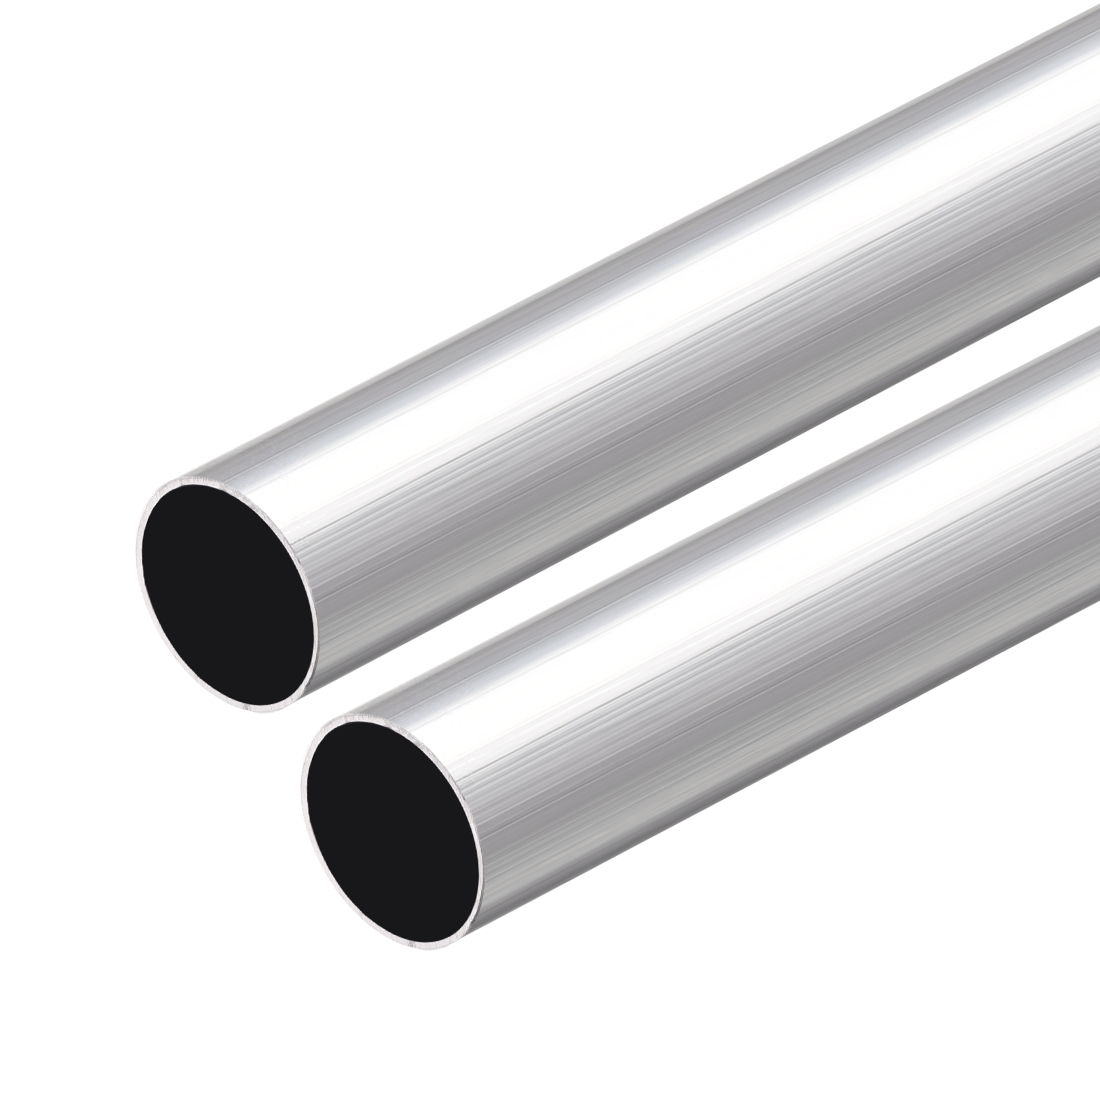 6063 Aluminum Round Tube 300mm Length 16mm OD 15mm Inner Dia Seamless Tube 2 Pcs